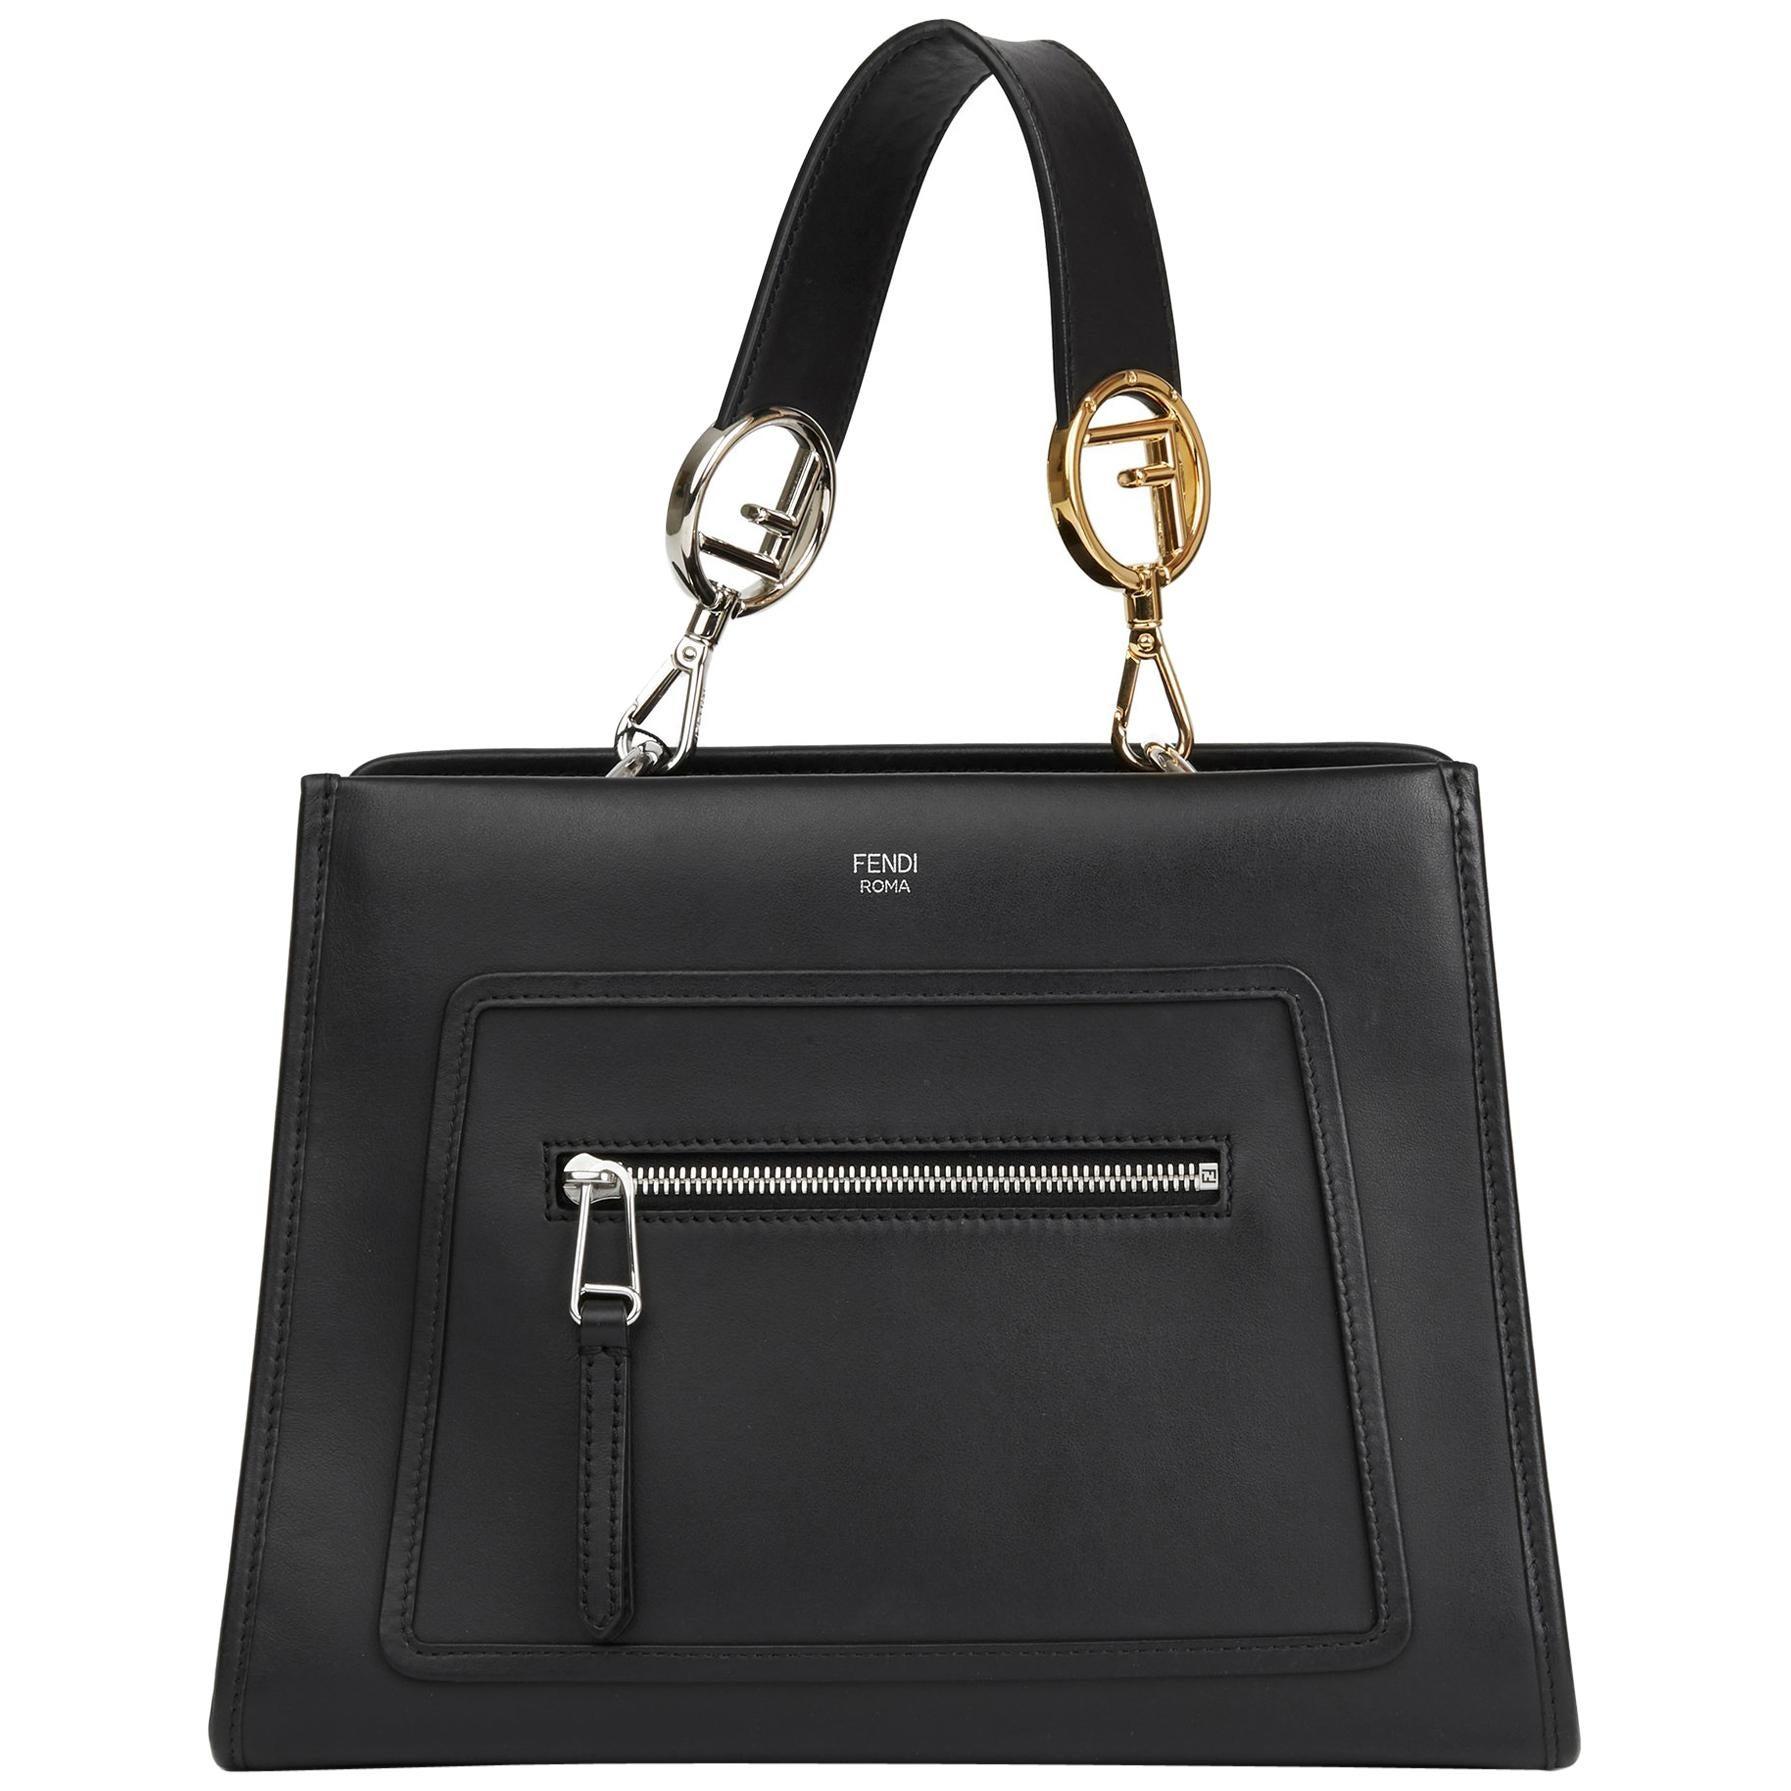 b2516cd3f513 Vintage Fendi Shoulder Bags - 410 For Sale at 1stdibs